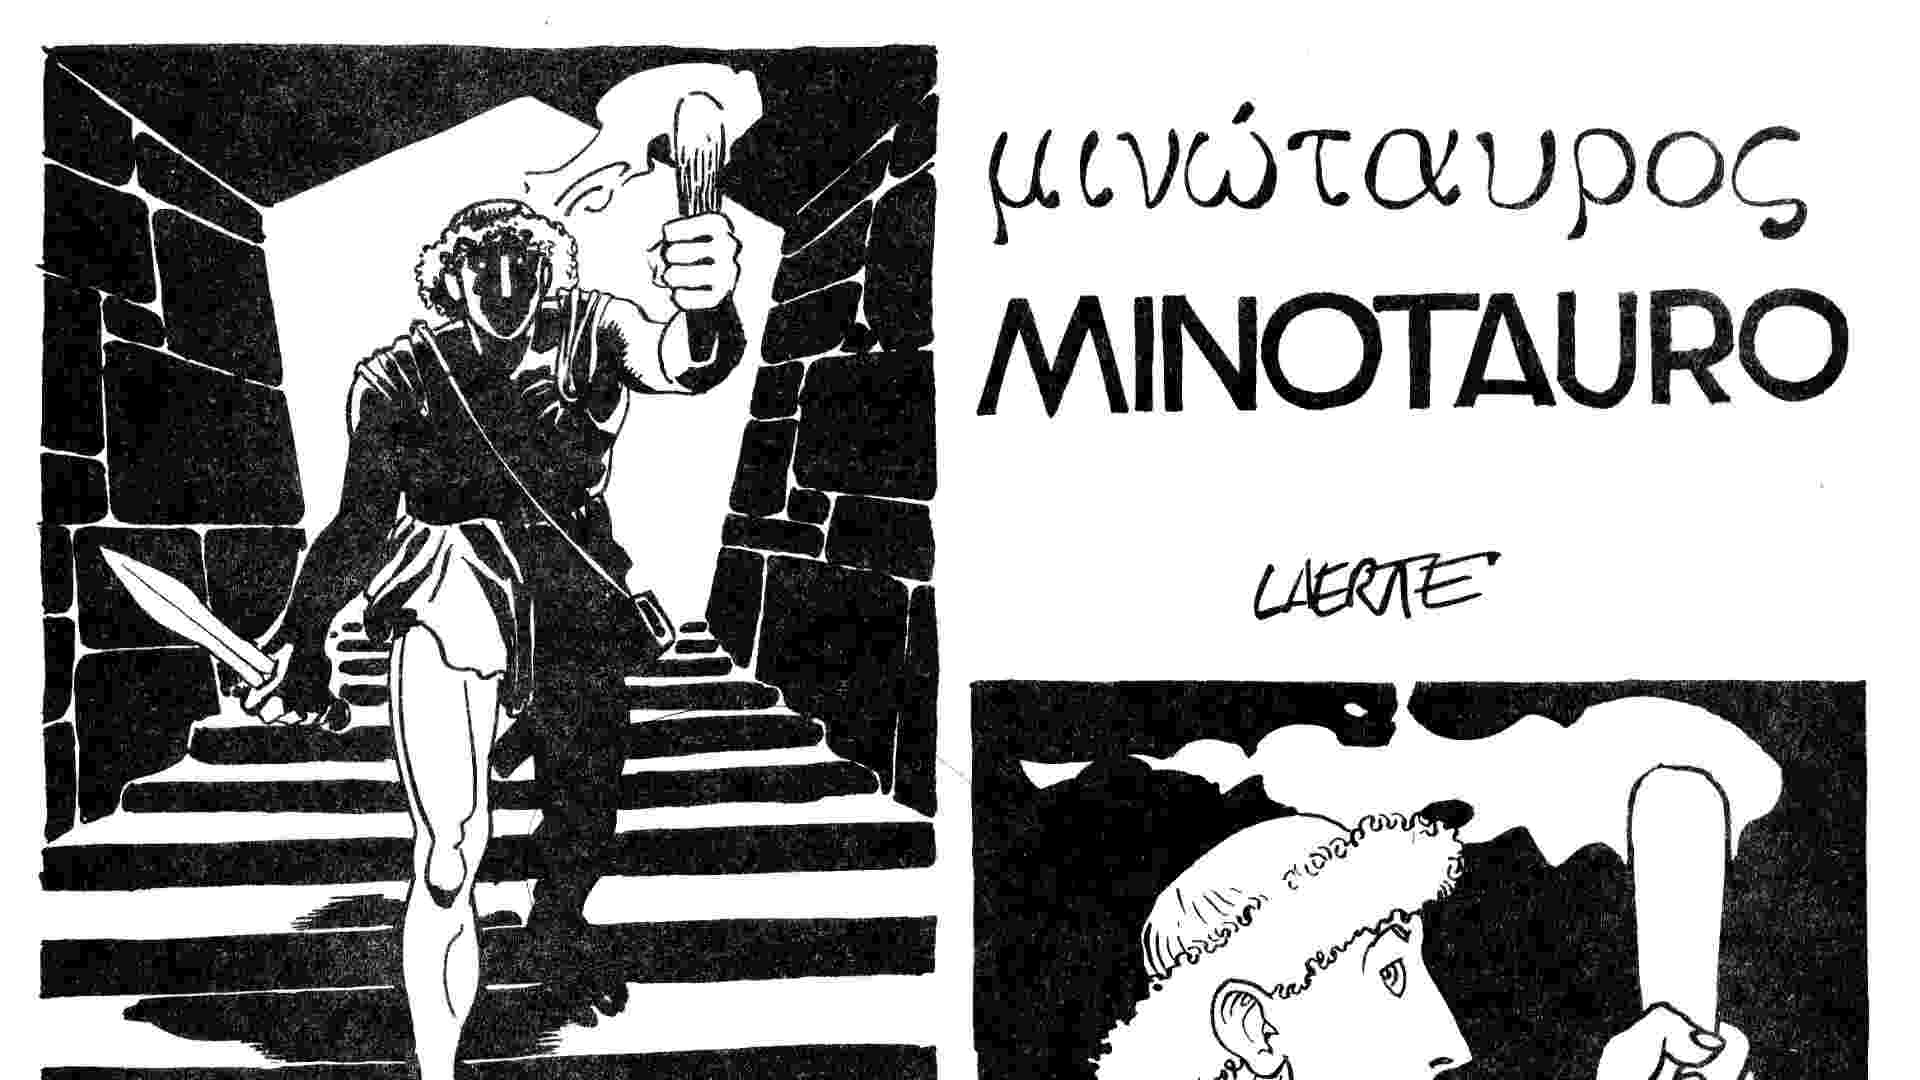 """Capa de """"Minotauro"""" também tem título escrito em grego - Acervo/Laerte"""